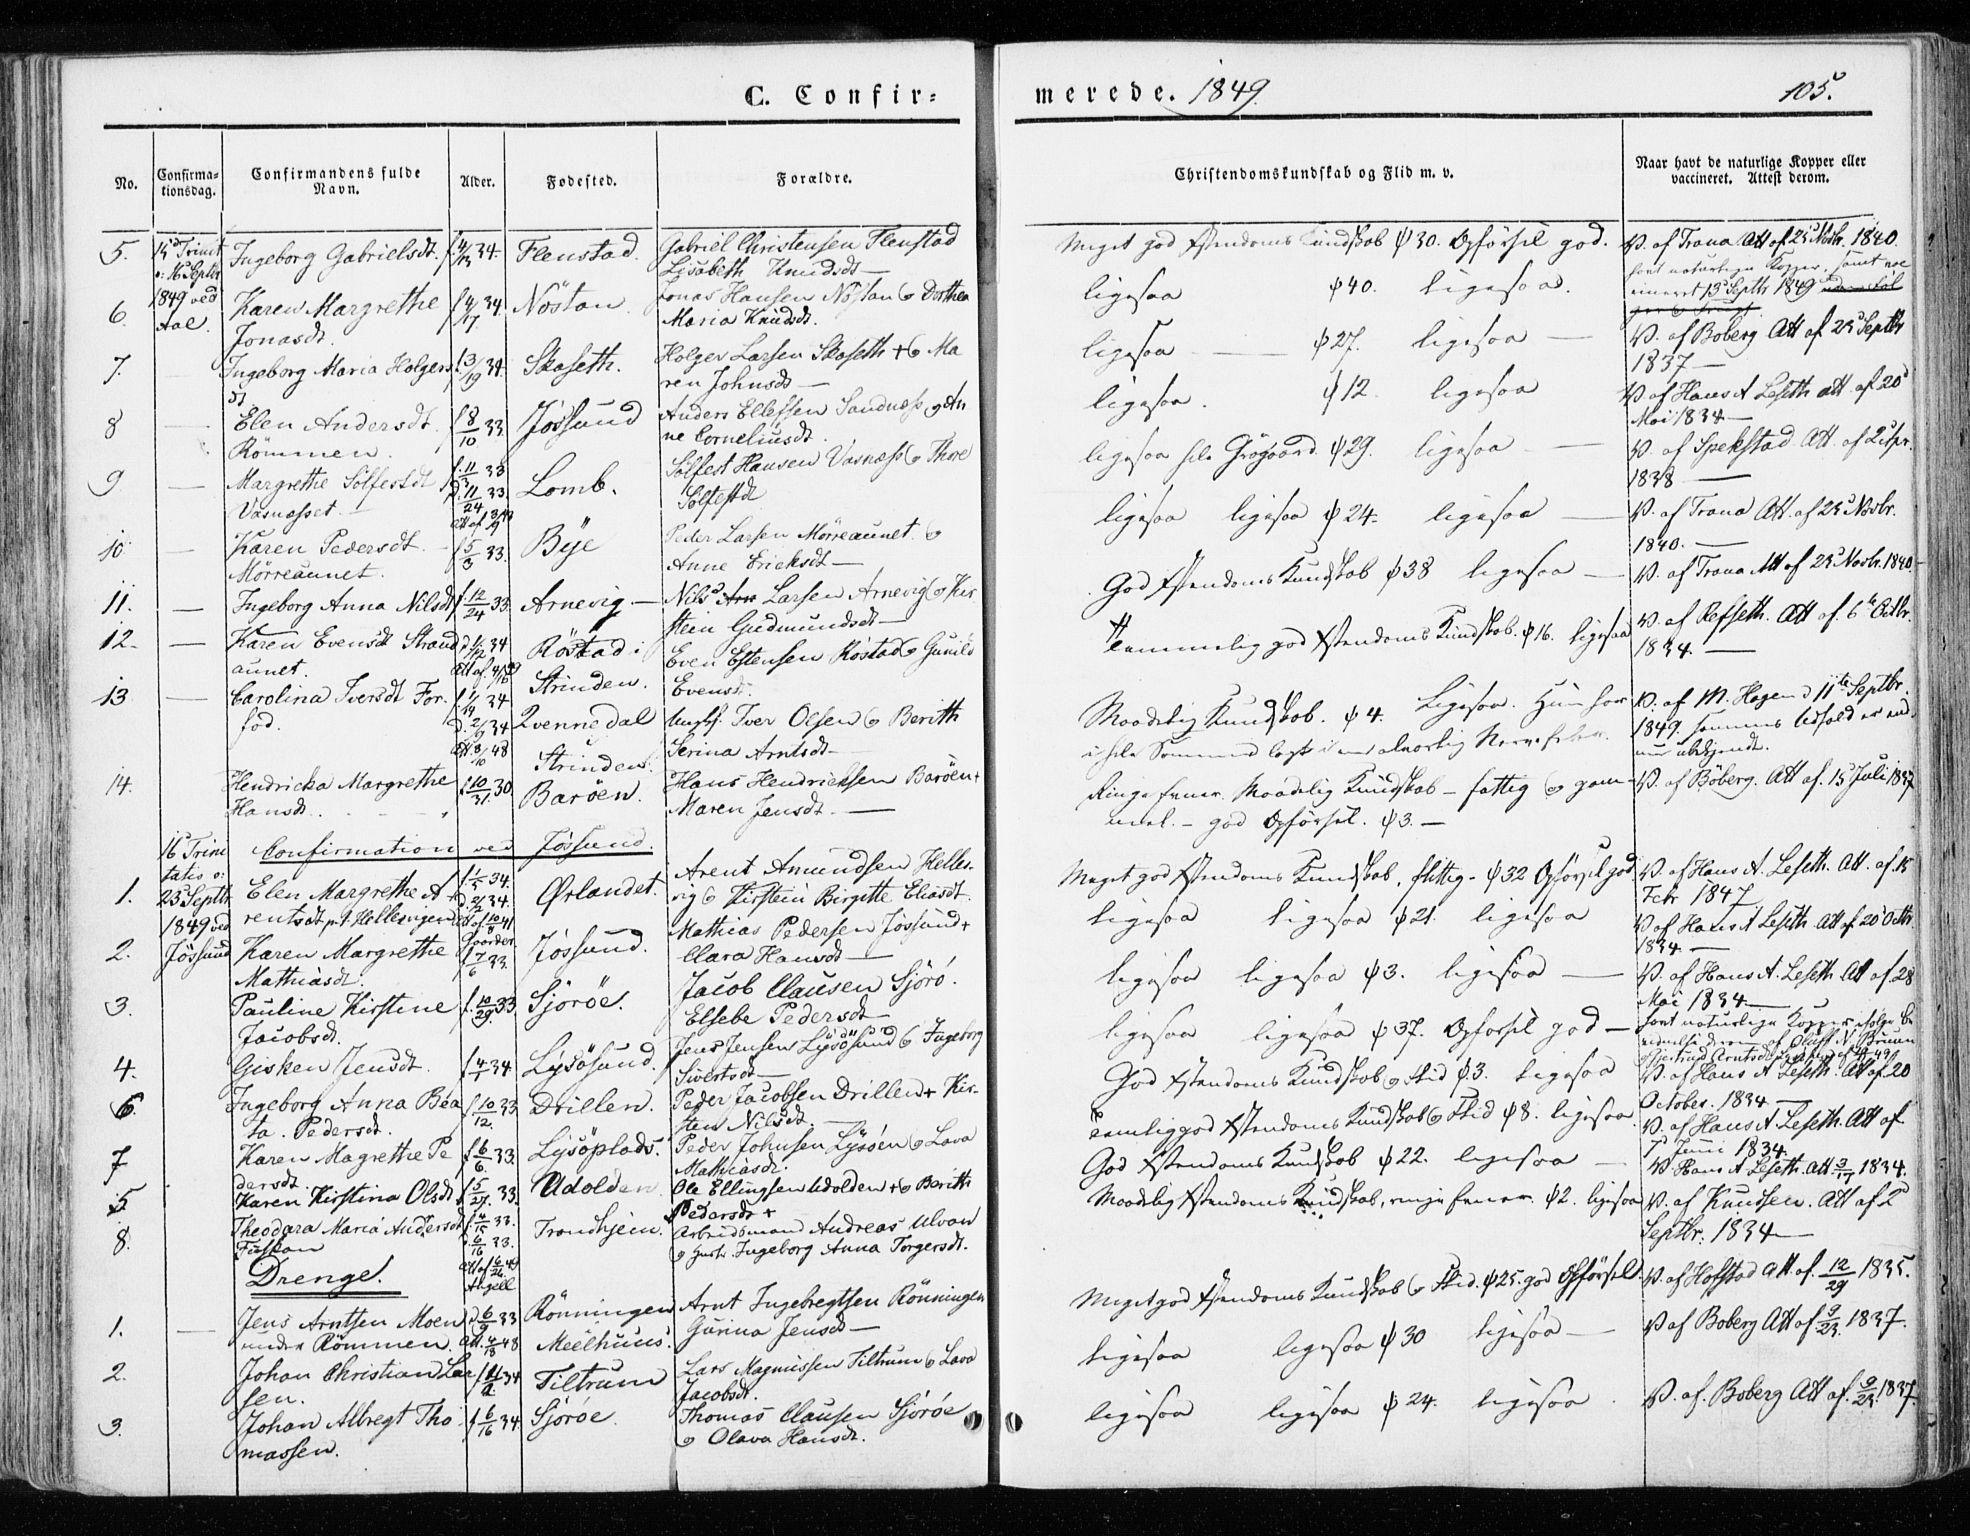 SAT, Ministerialprotokoller, klokkerbøker og fødselsregistre - Sør-Trøndelag, 655/L0677: Ministerialbok nr. 655A06, 1847-1860, s. 105